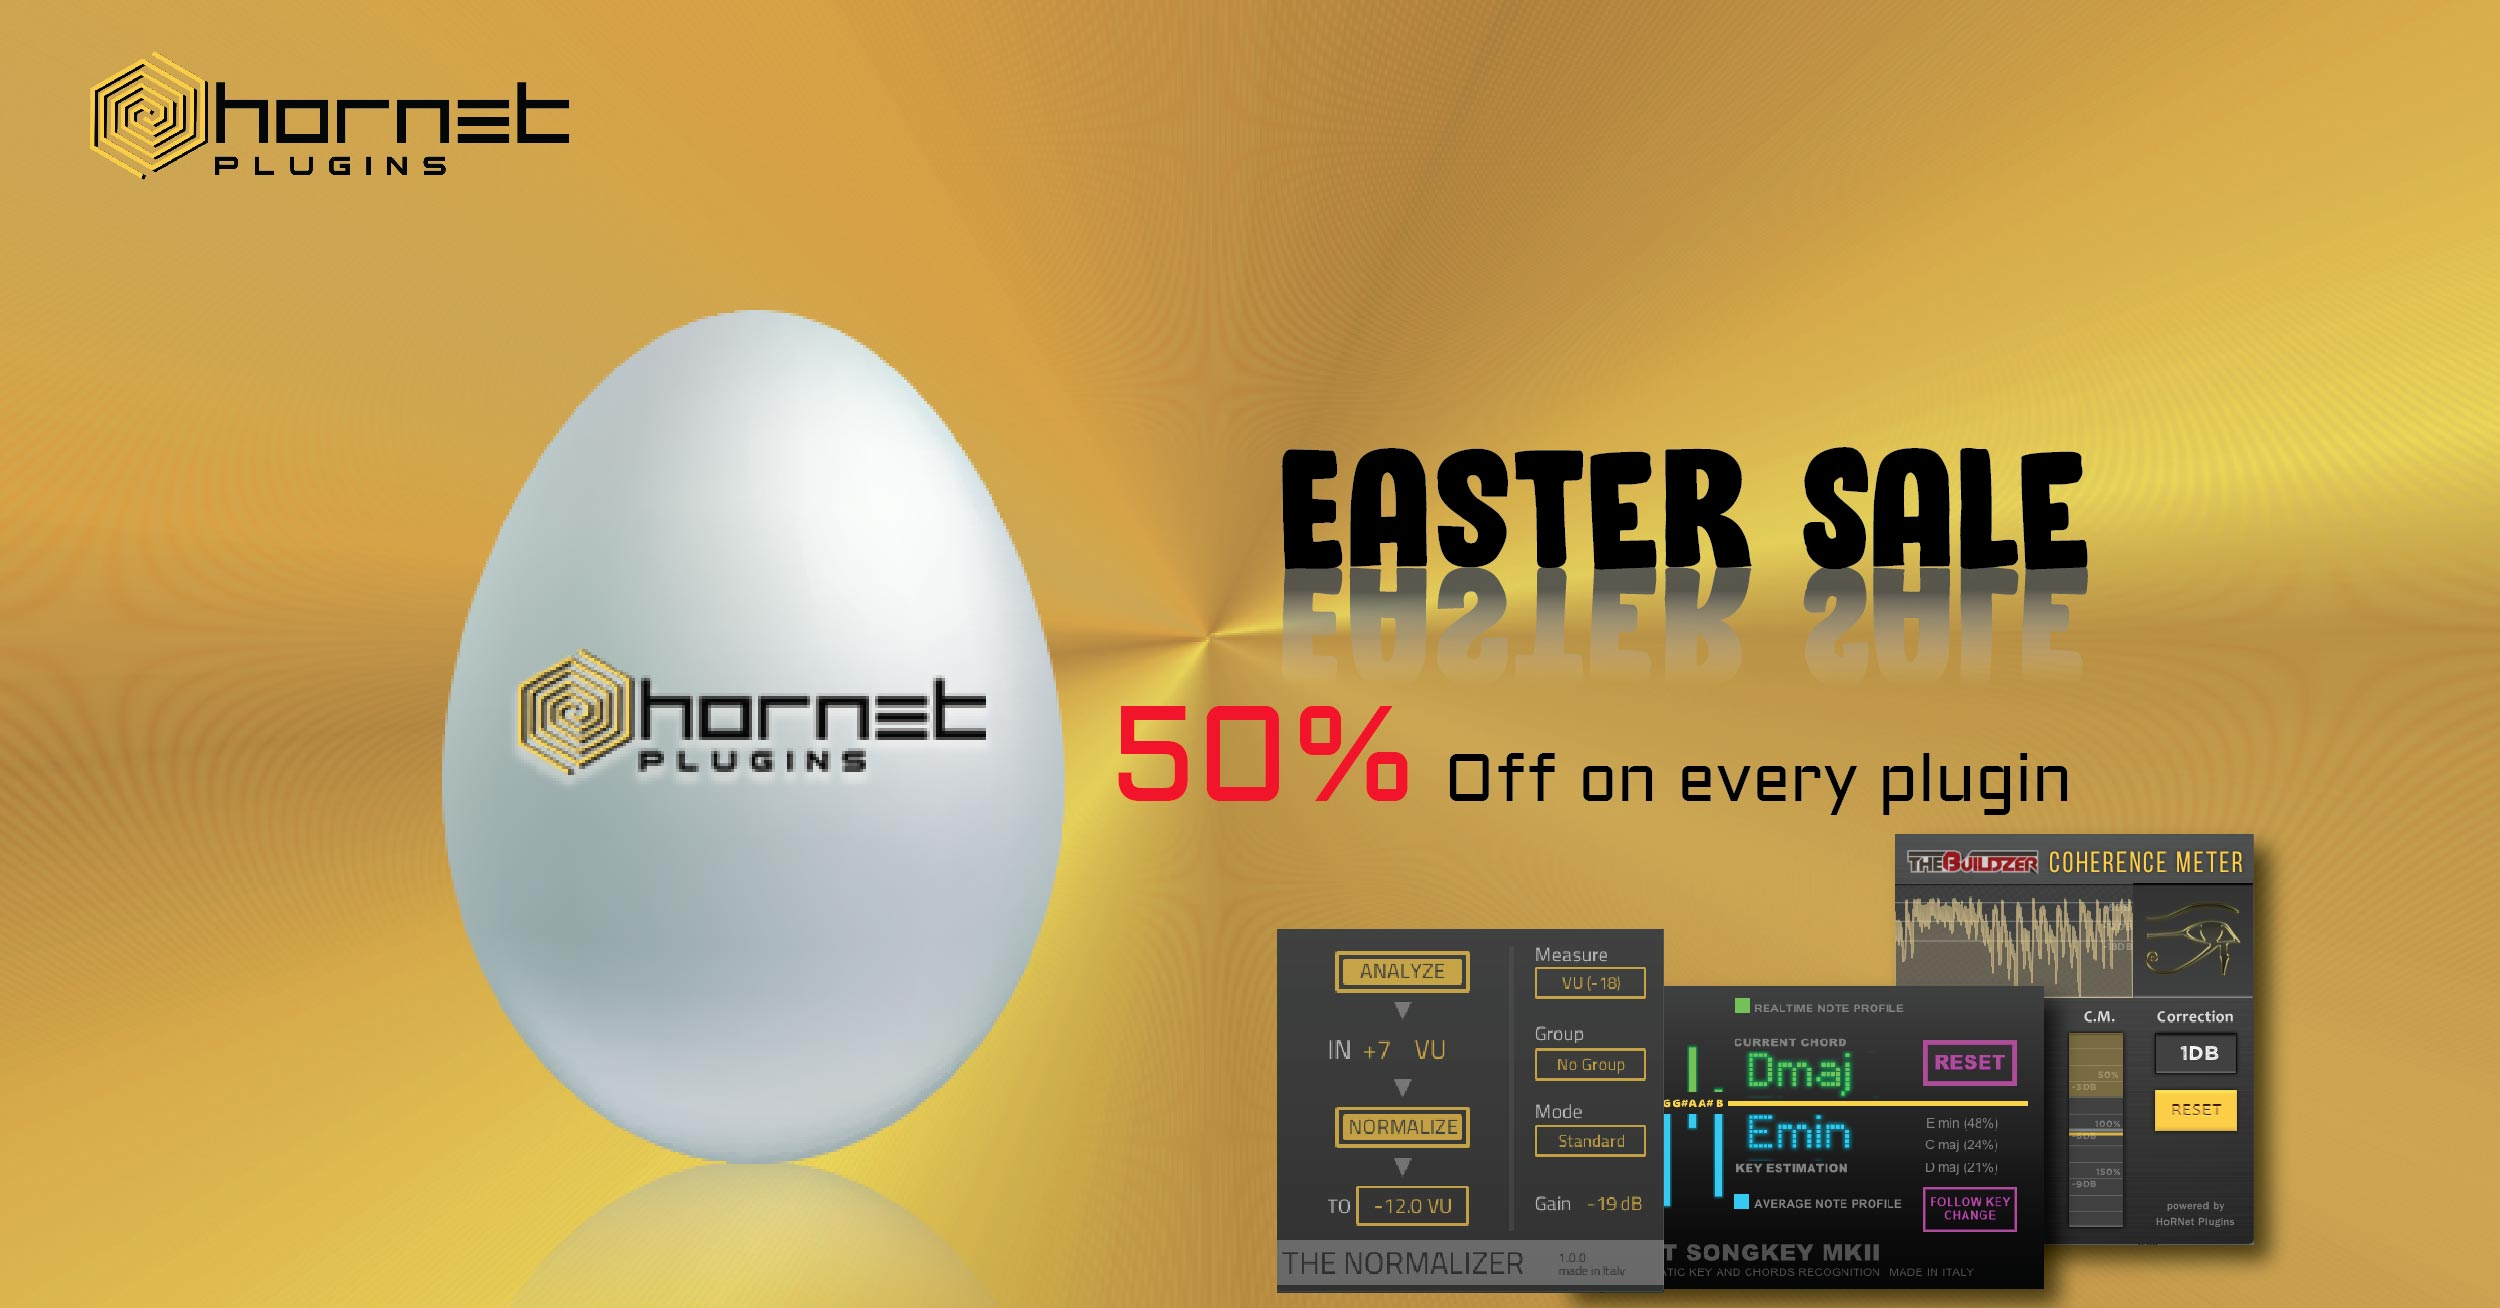 HoRNet Easter Sale